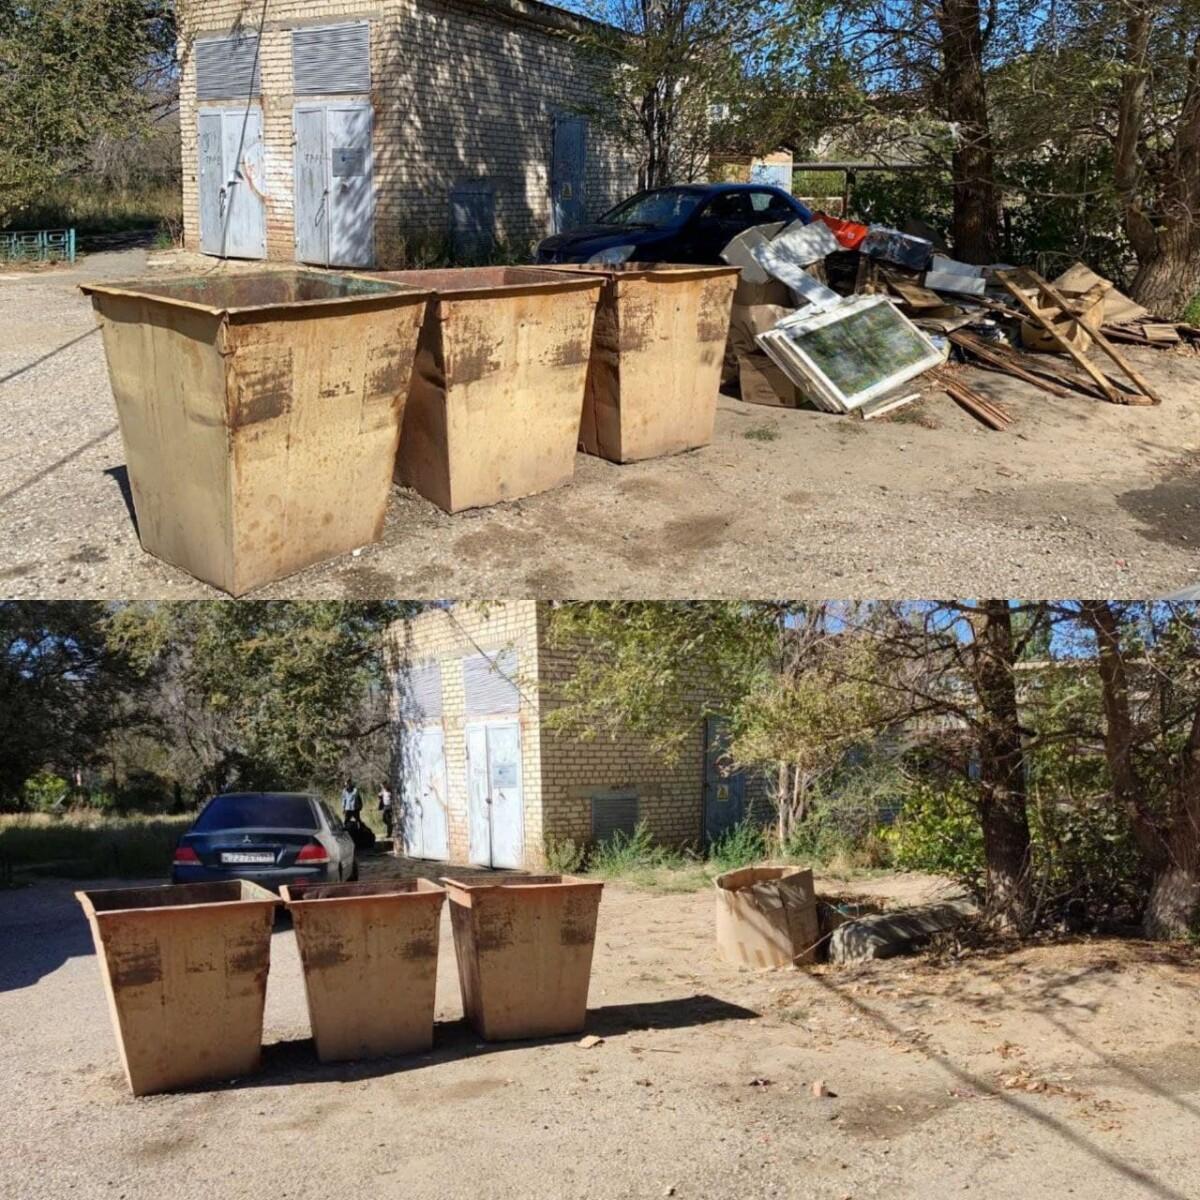 Продолжается кампания по приведению в нормативное соответствие площадок для сбора твердых коммунальных отходов «Чистый четверг»